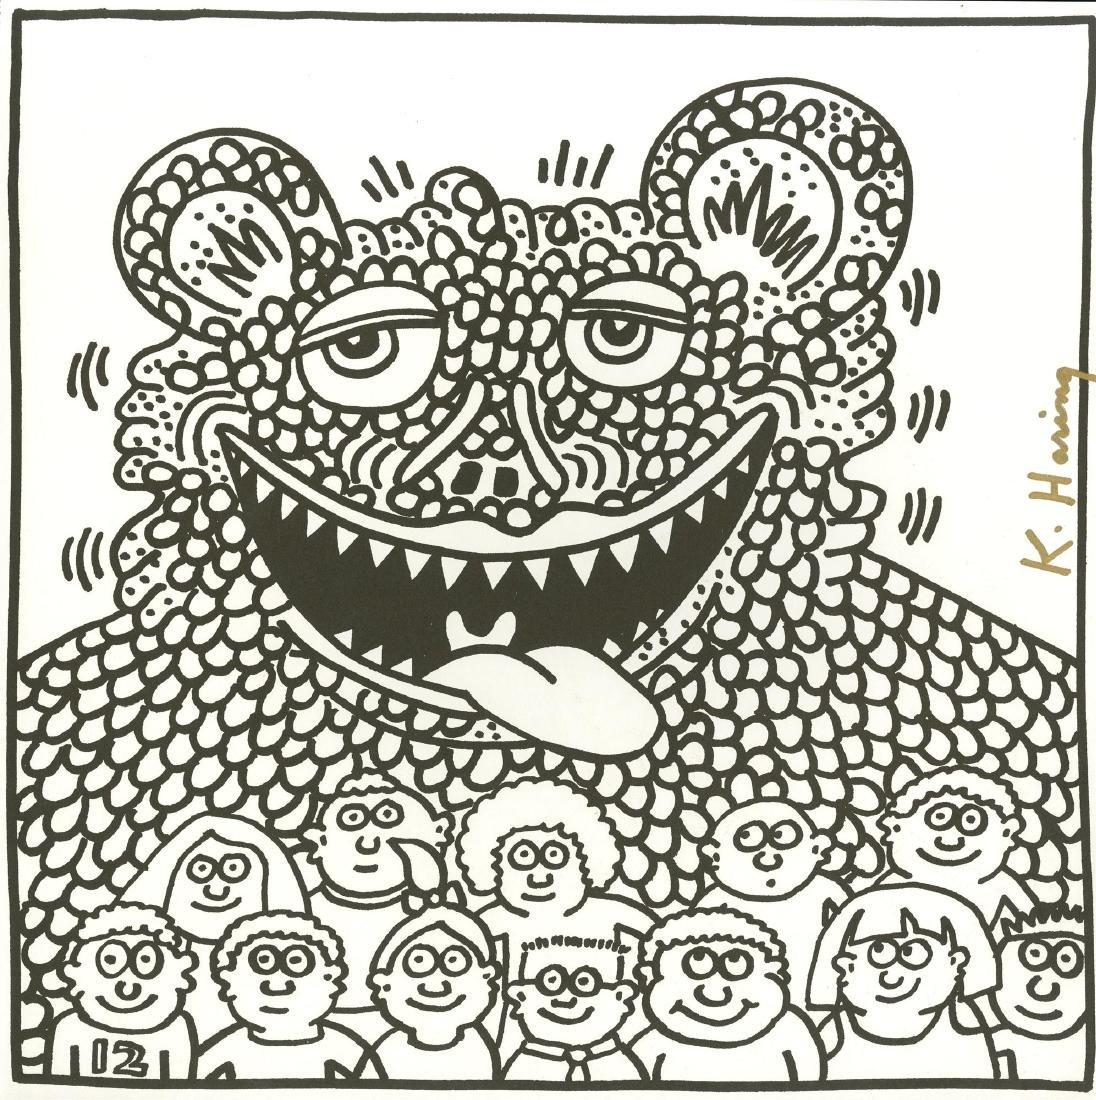 686: KEITH HARING - Twelve Friends